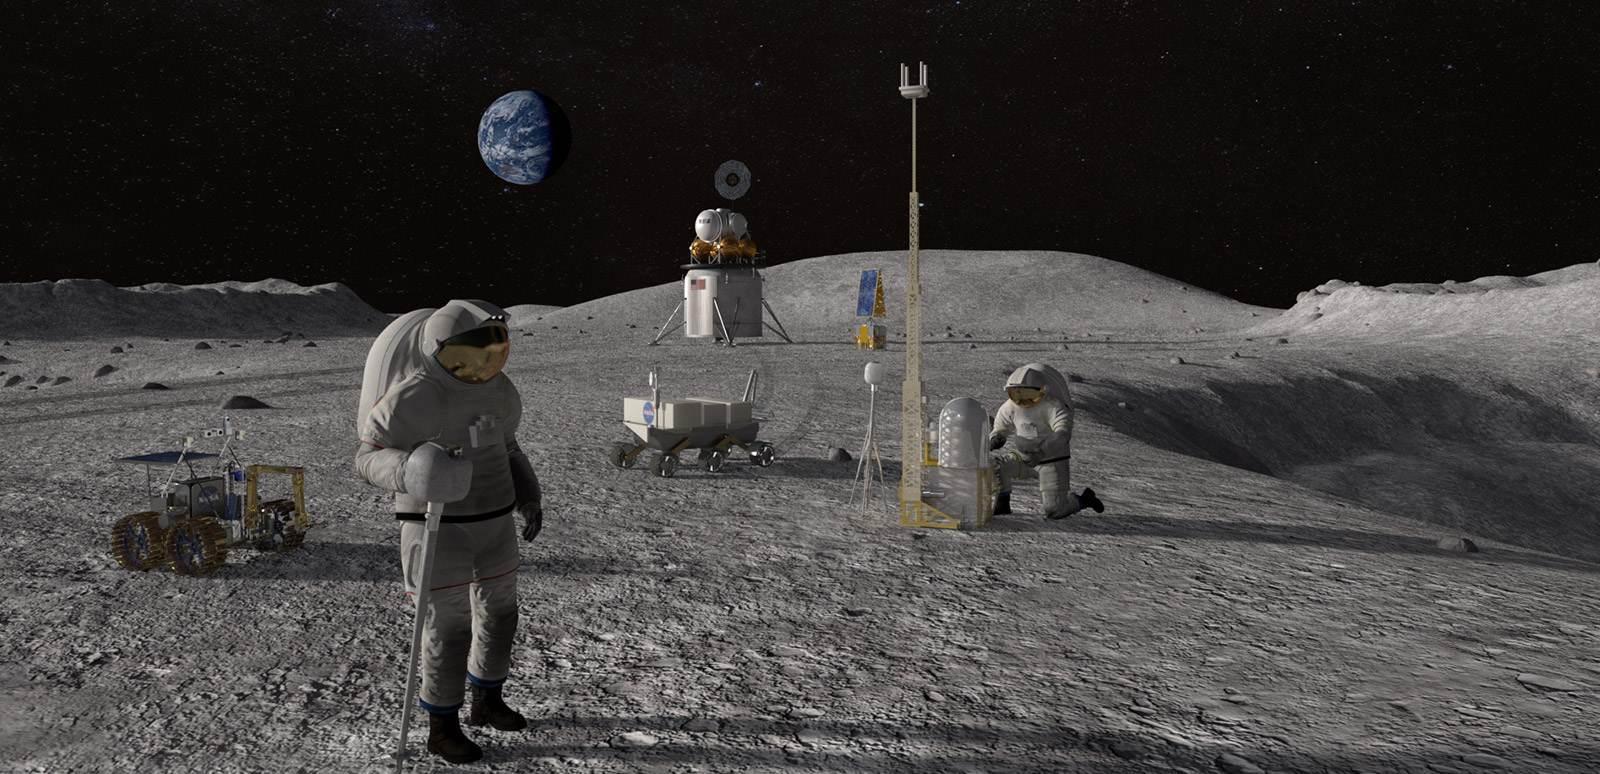 Programa Artemis levará a primeira pessoa negra à lua, de acordo com a Nasa